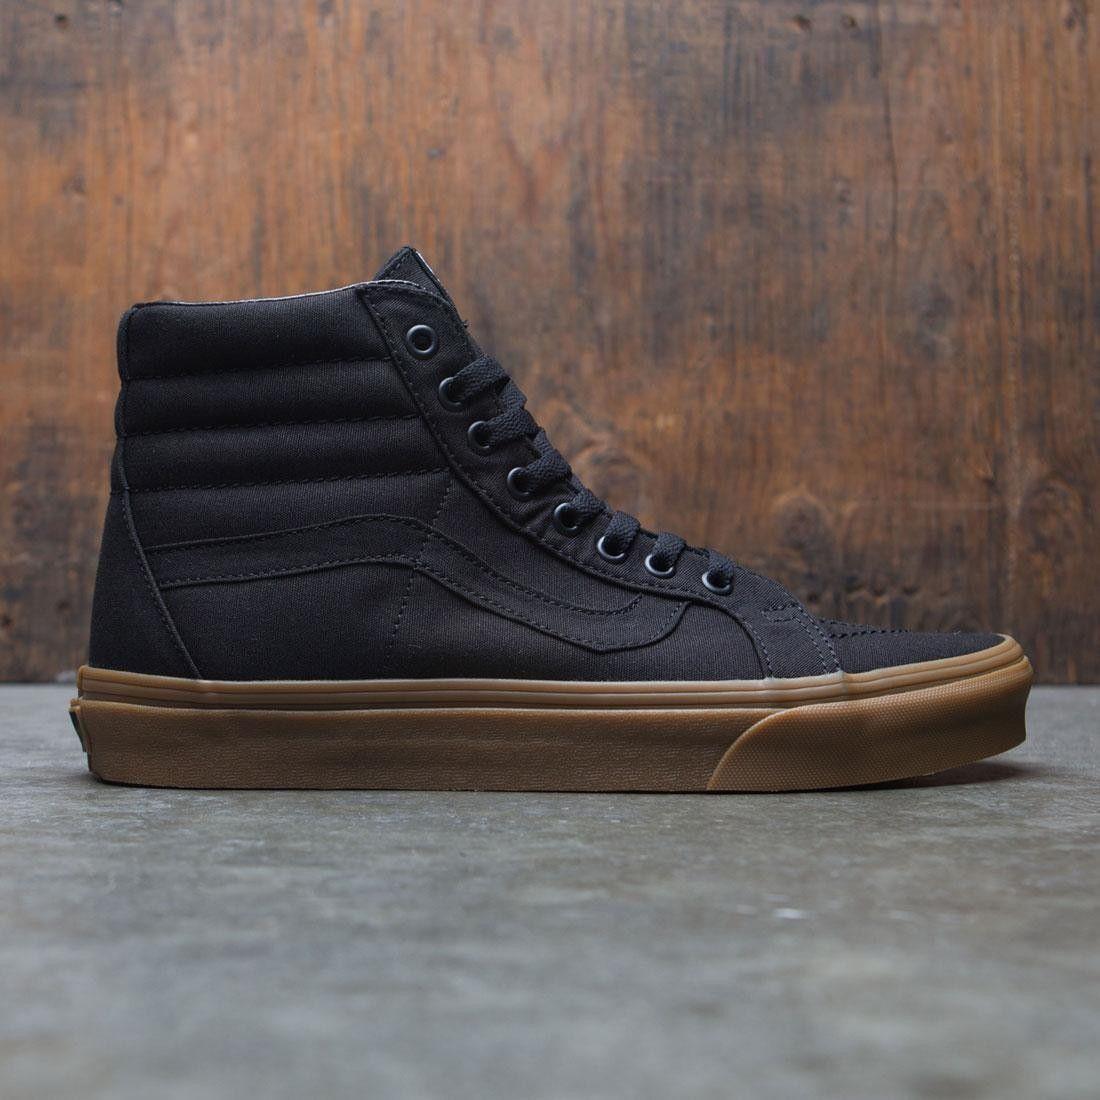 Vans shoes high tops, Vans sneakers men